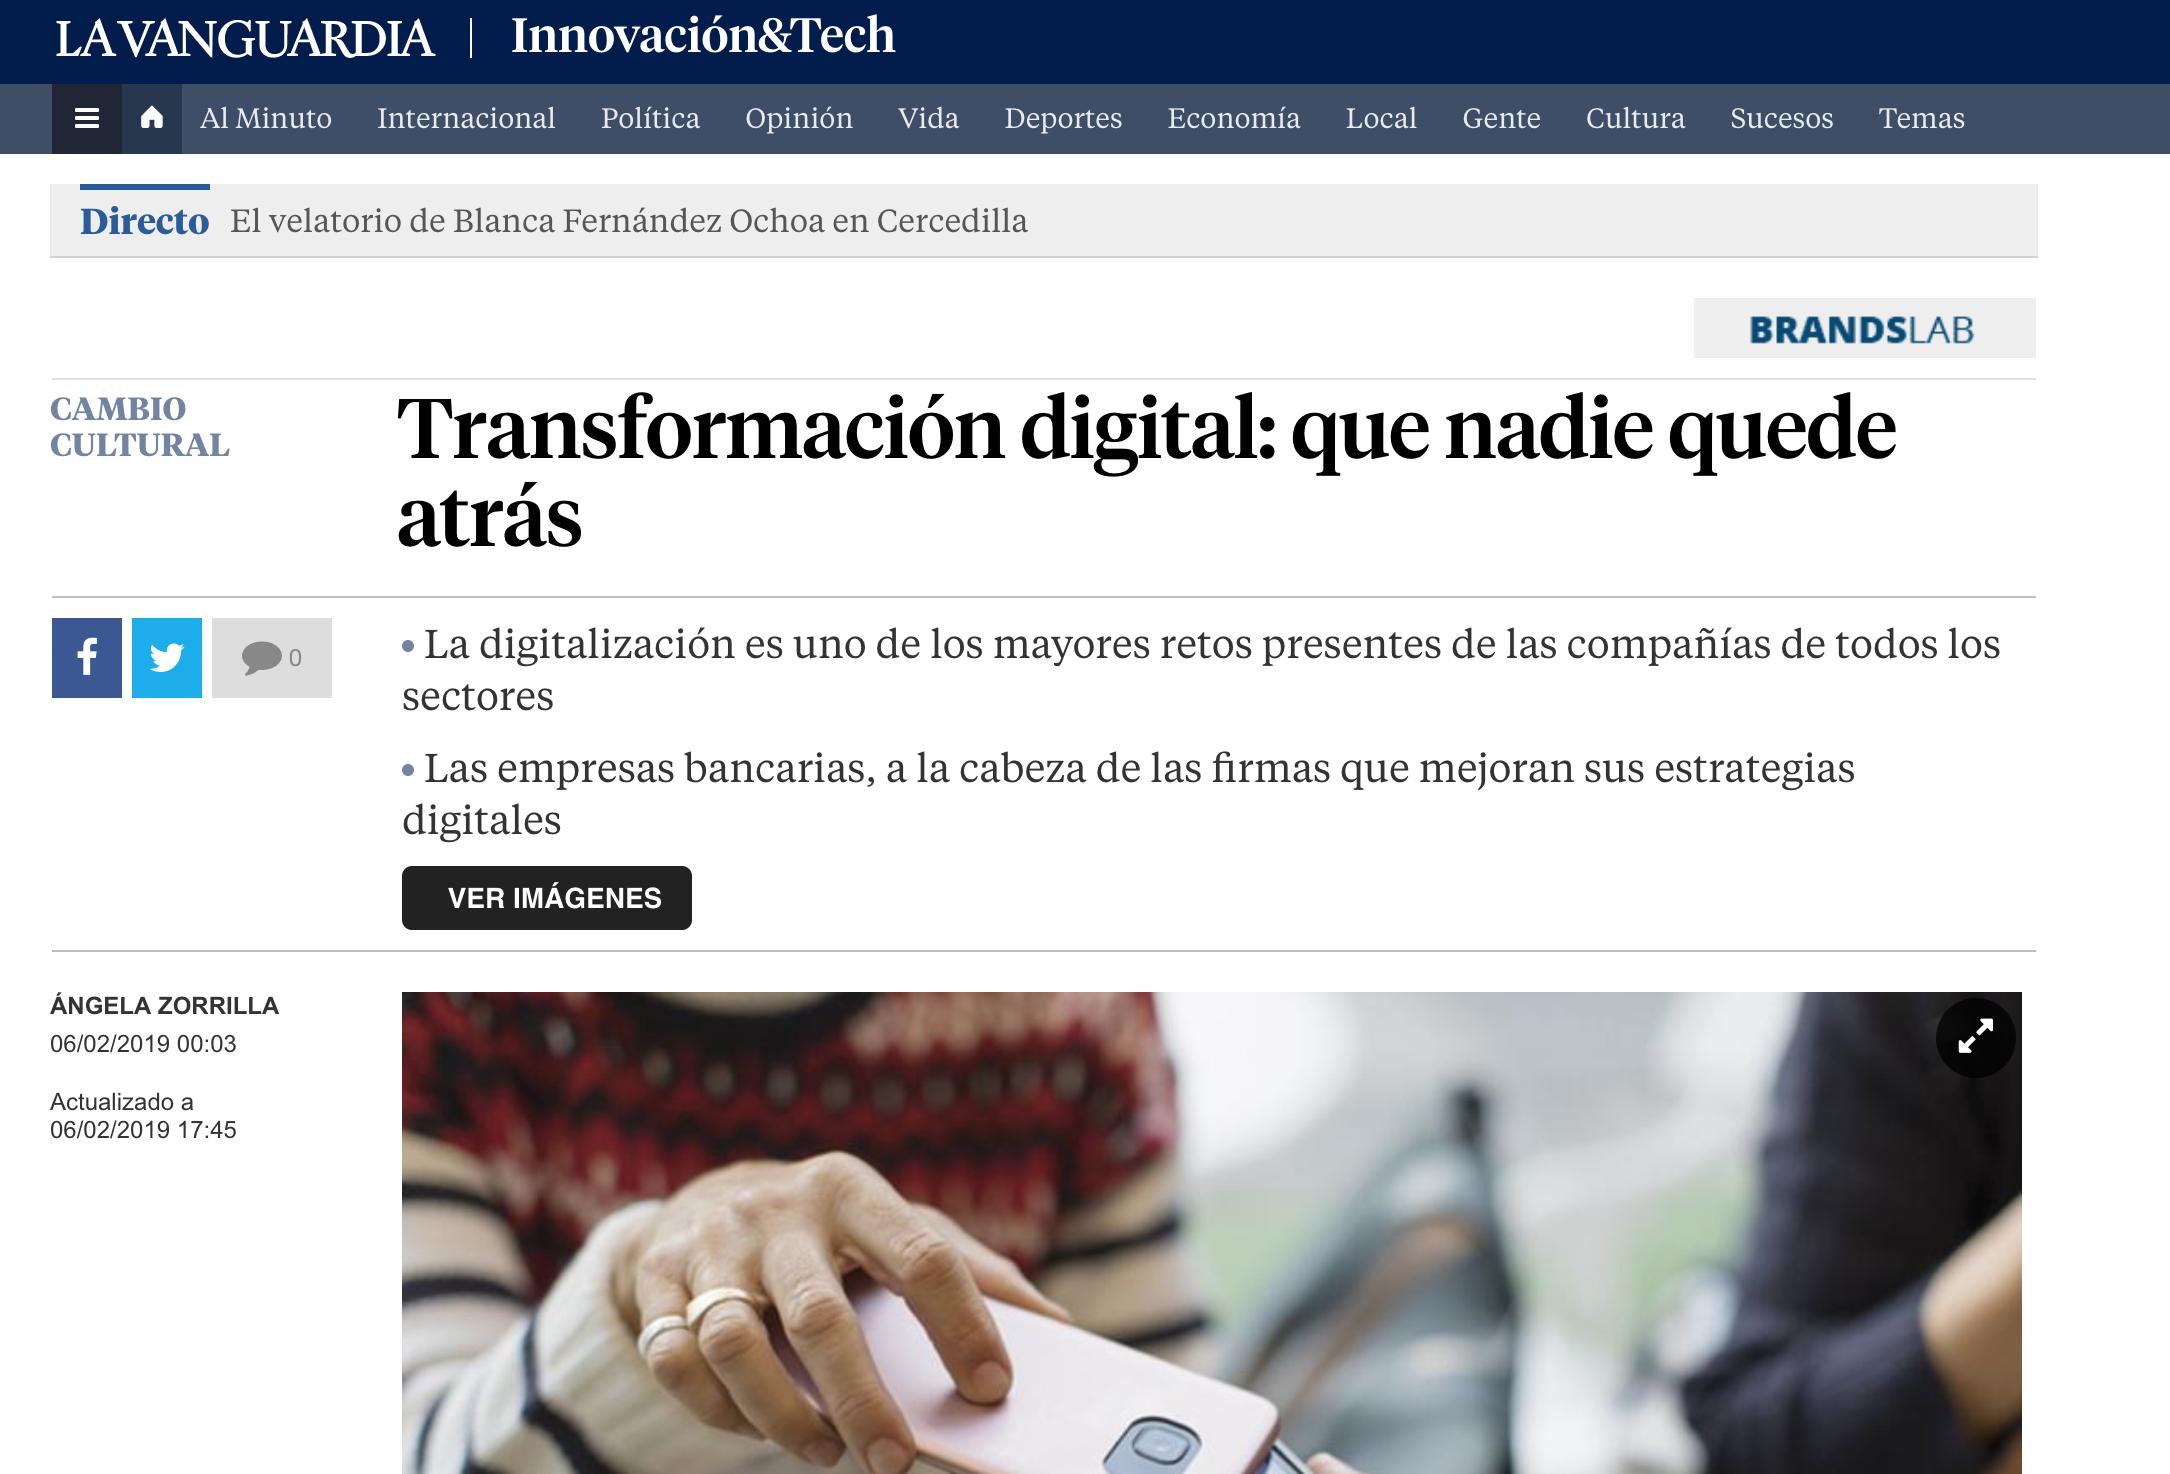 Articulo sobre el estudio Advice en La Vanguardia